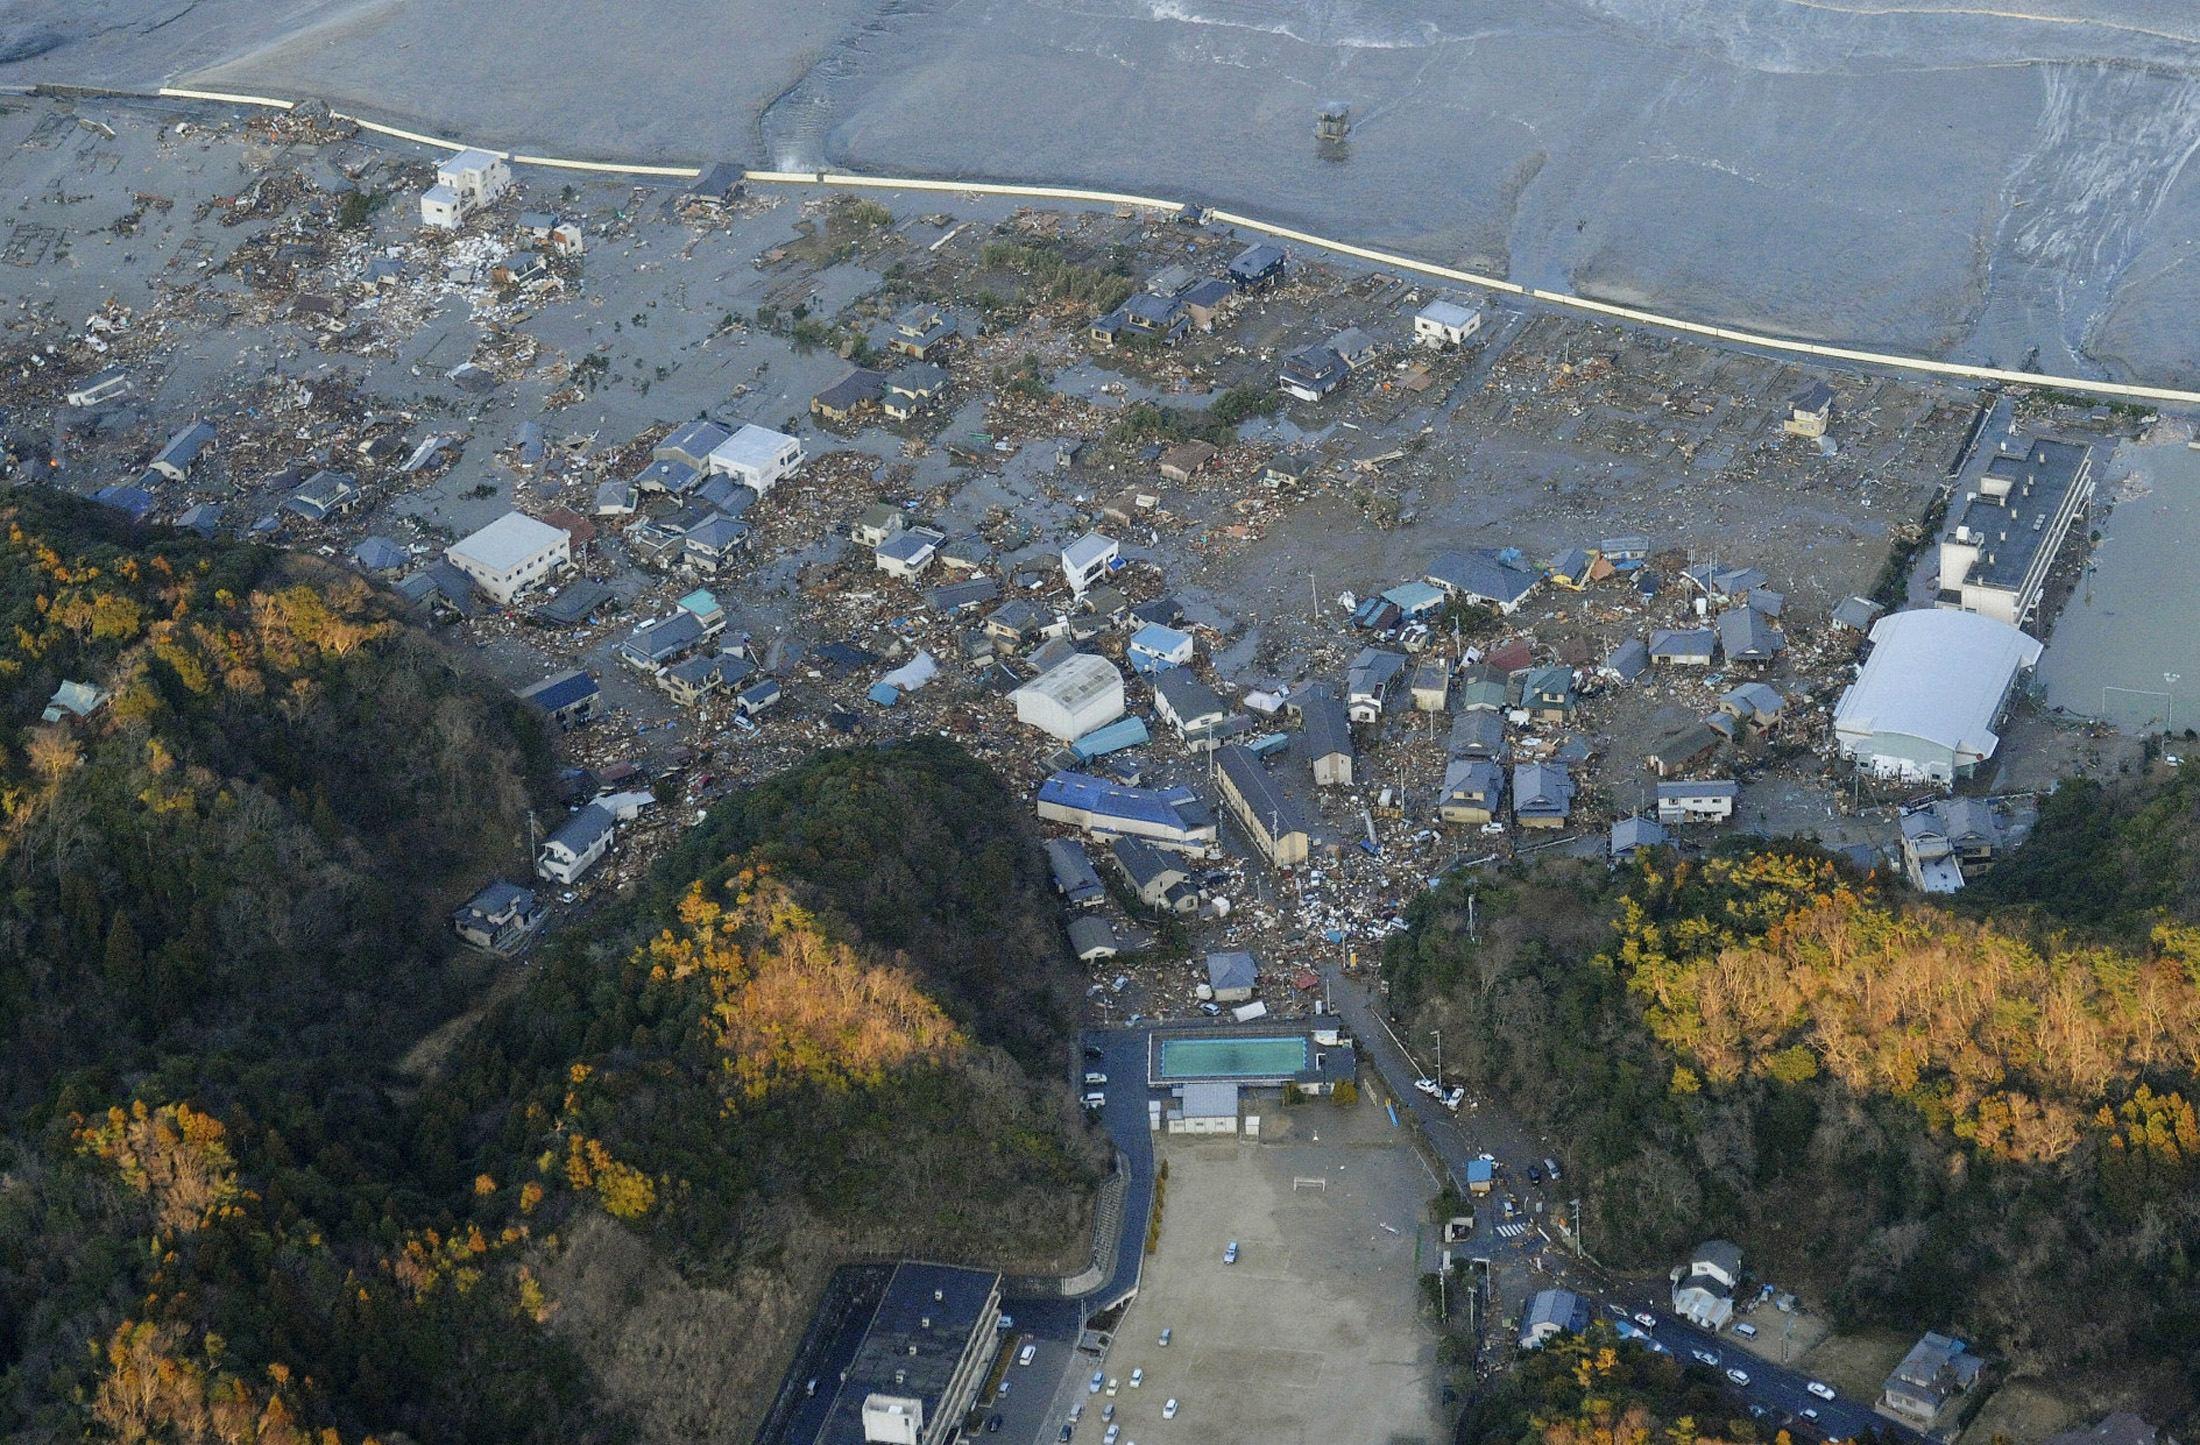 Πόλεις κάτω από το νερό. Το τσουνάμι παρέσυρε τα πάντα - ΦΩΤΟ REUTERS